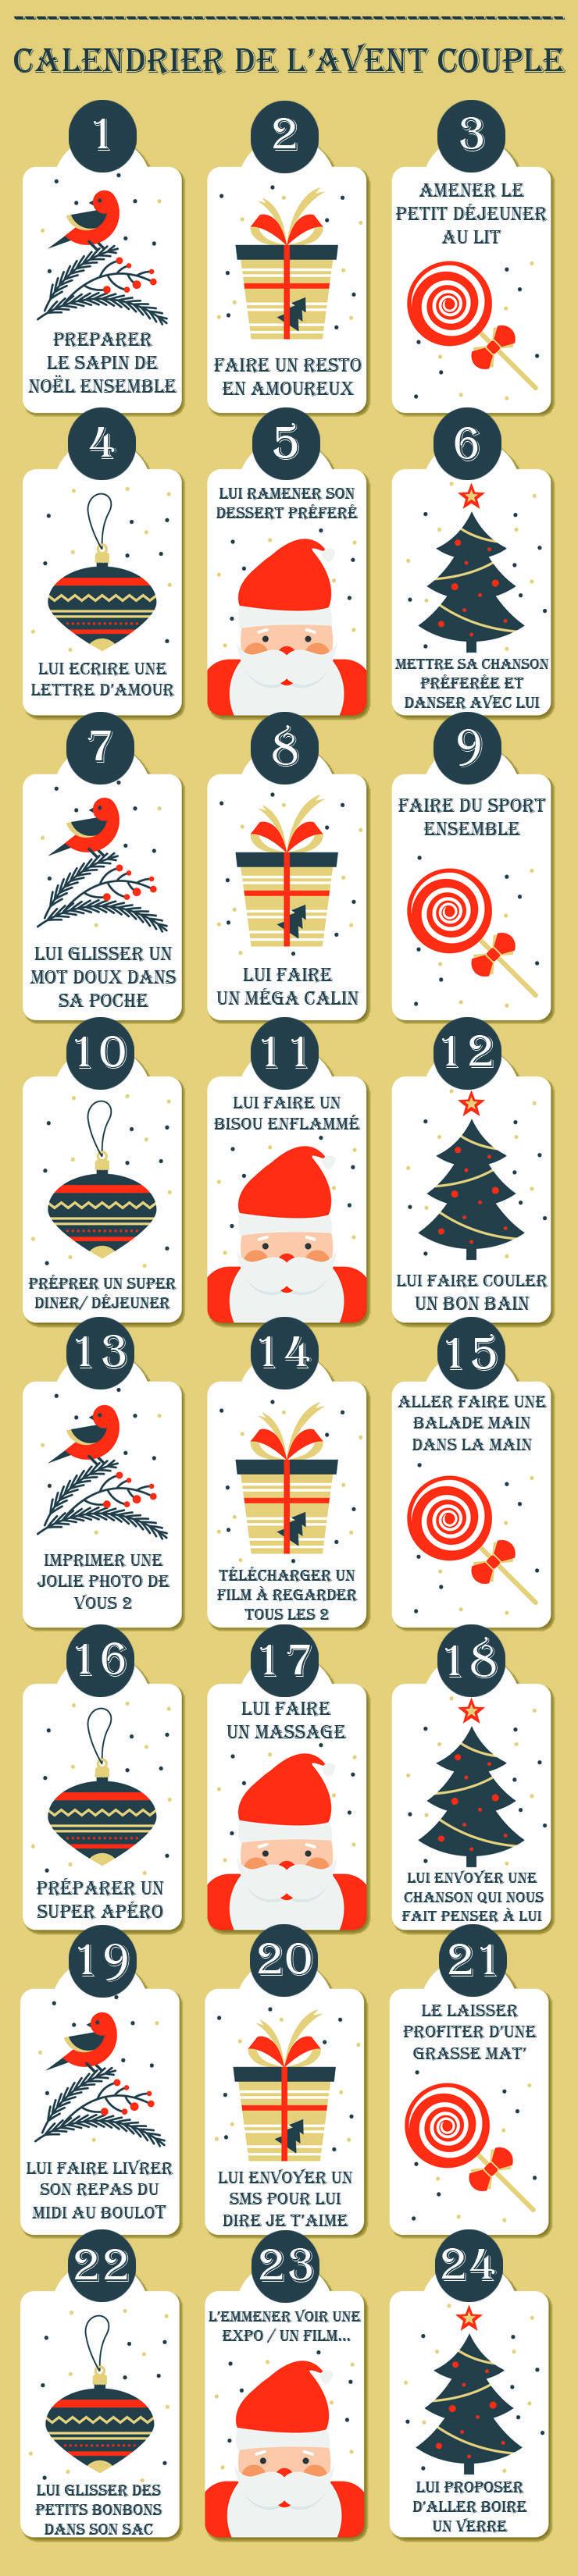 calendrier de l'avent publié sur withalovelikethat.fr